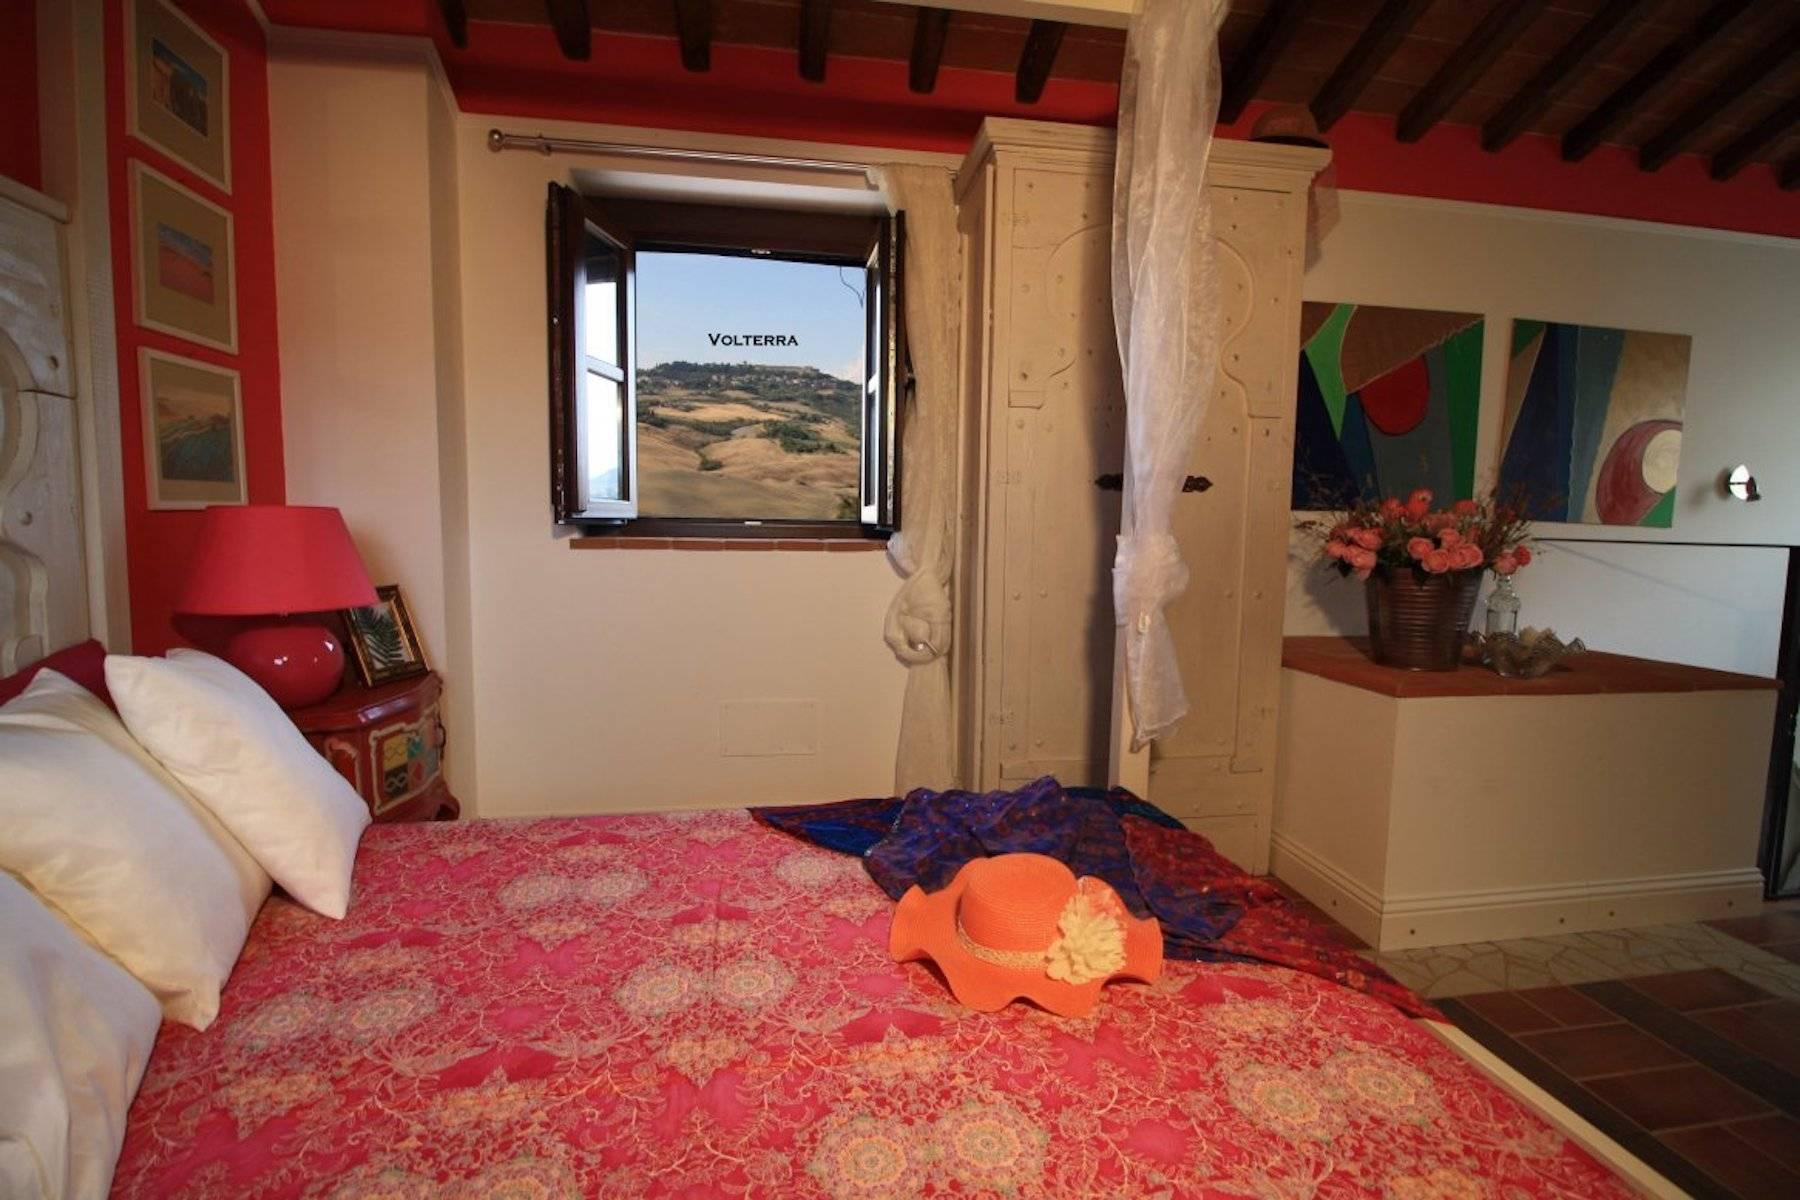 Villa in Vendita a Volterra: 5 locali, 450 mq - Foto 14